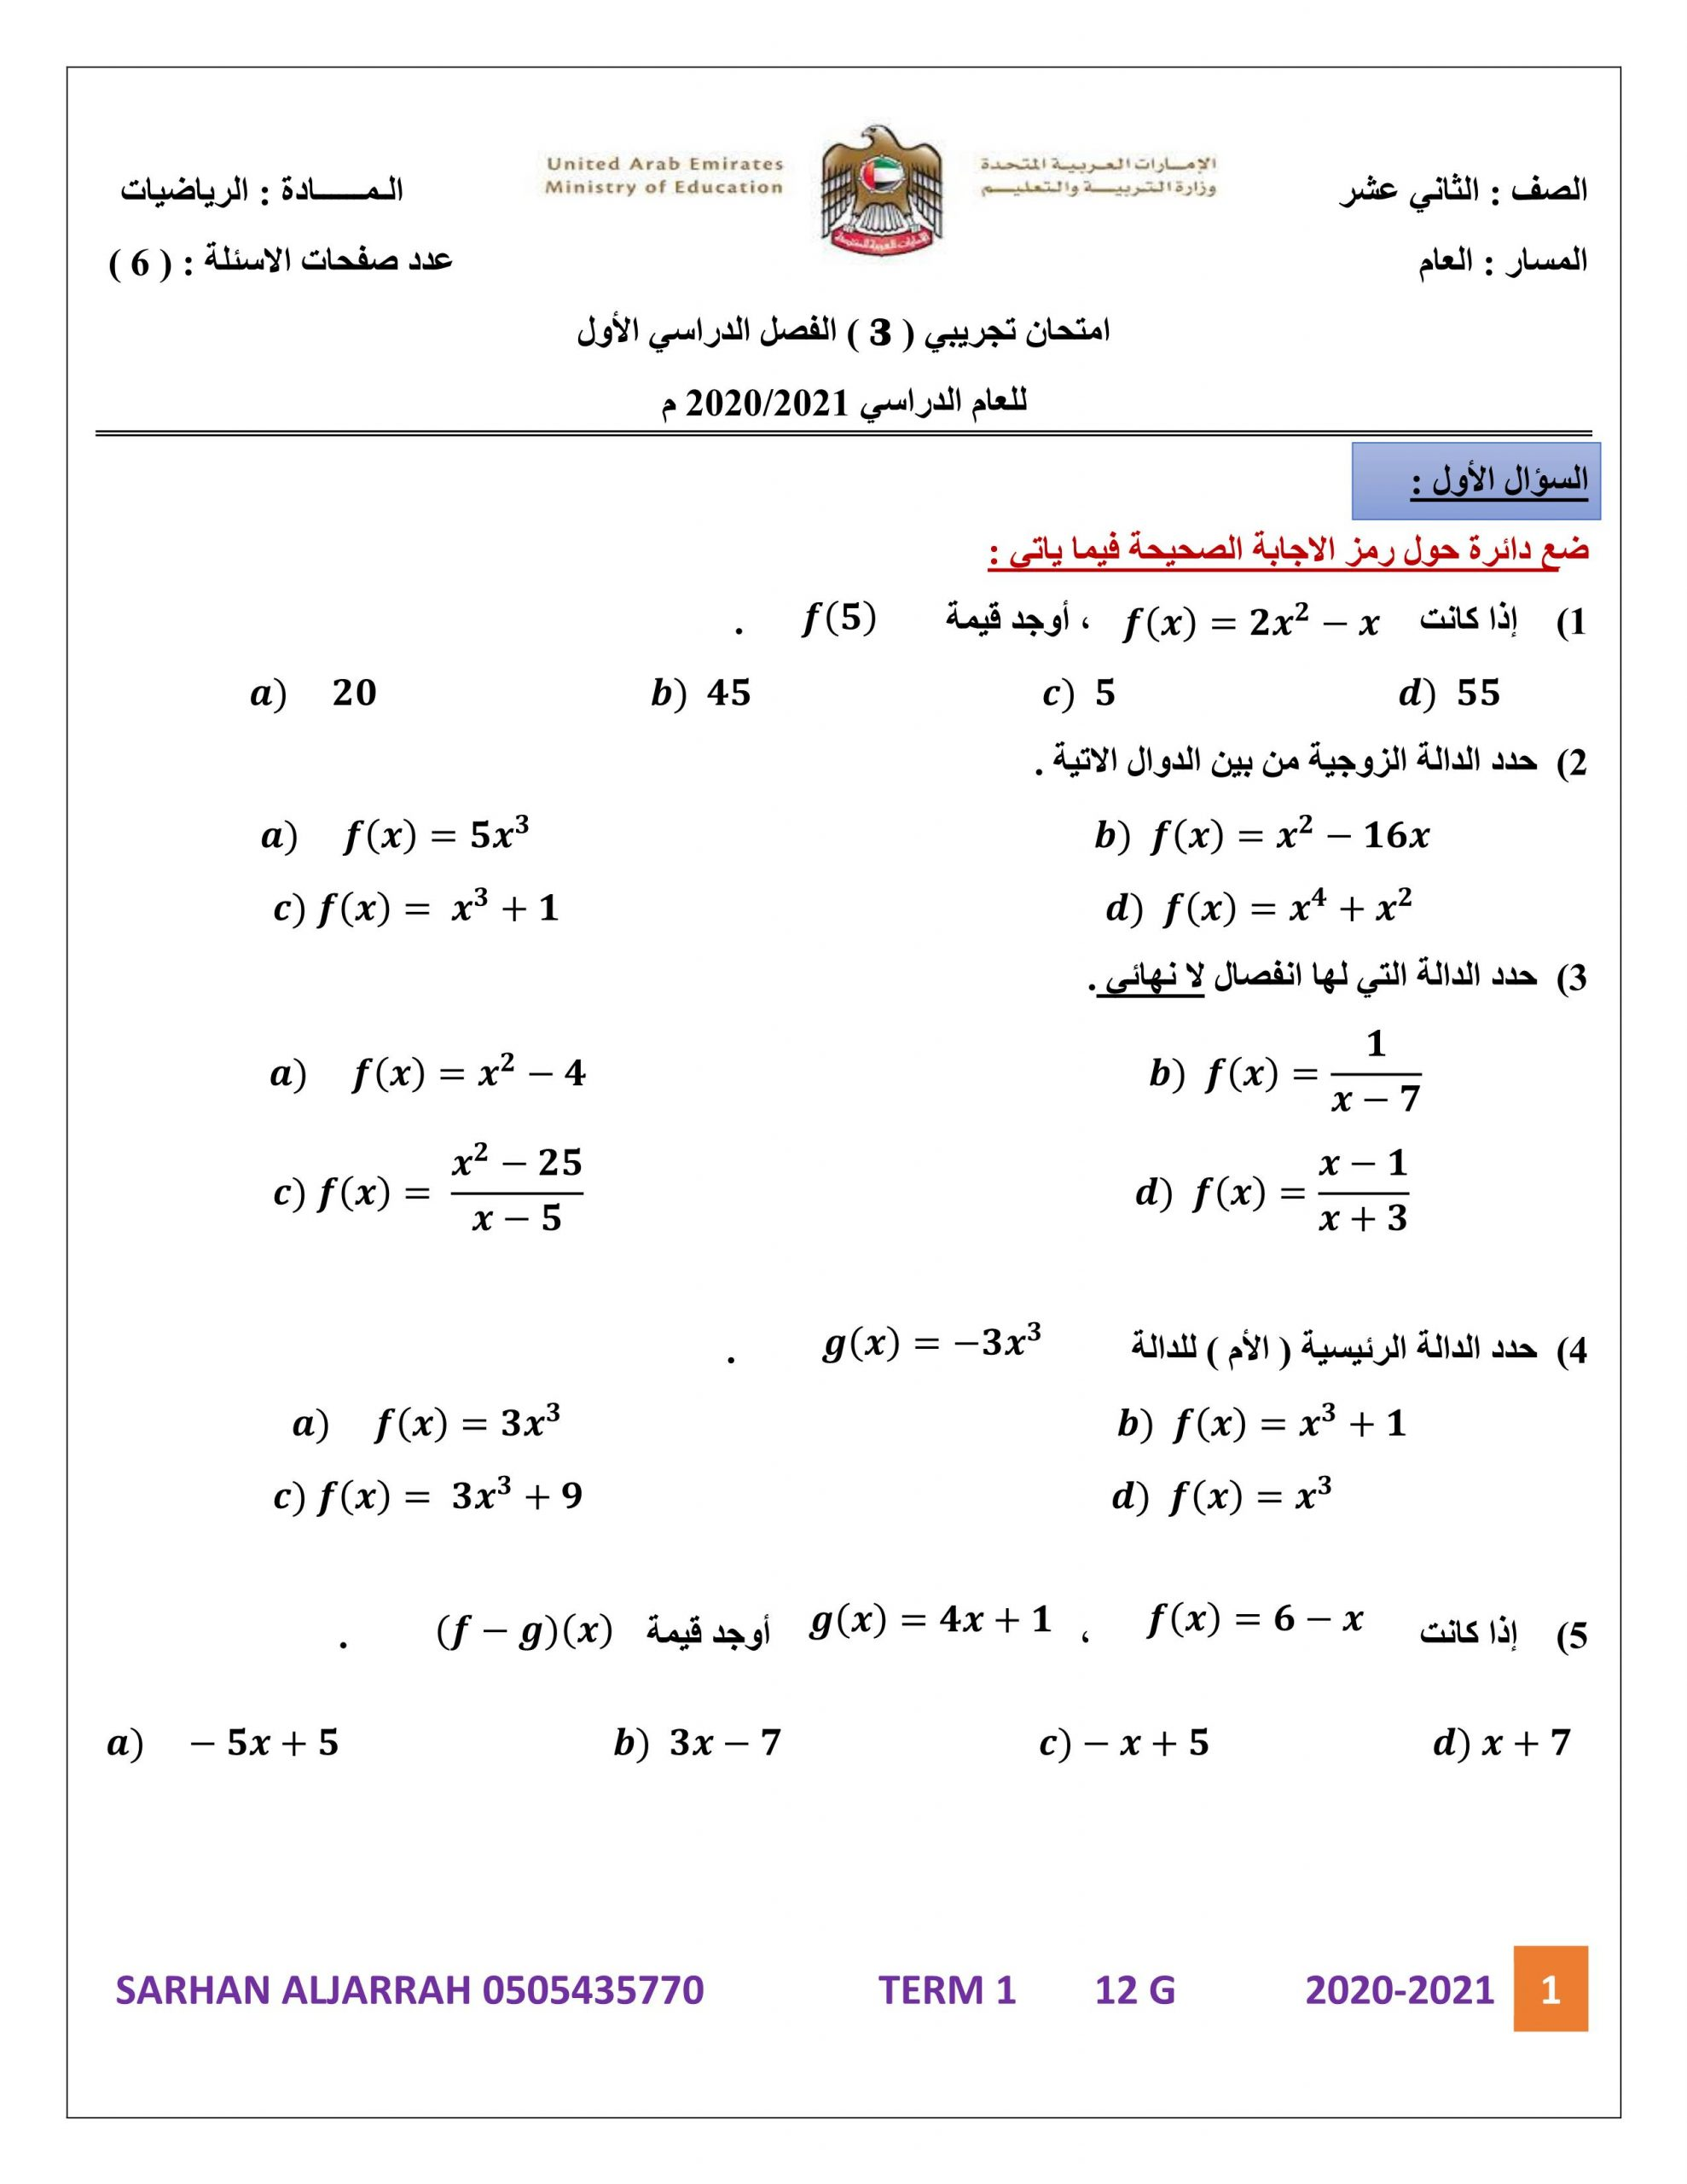 نموذج امتحان الفصل الدراسي الاول الصف الثاني عشر عام مادة الرياضيات المتكاملة